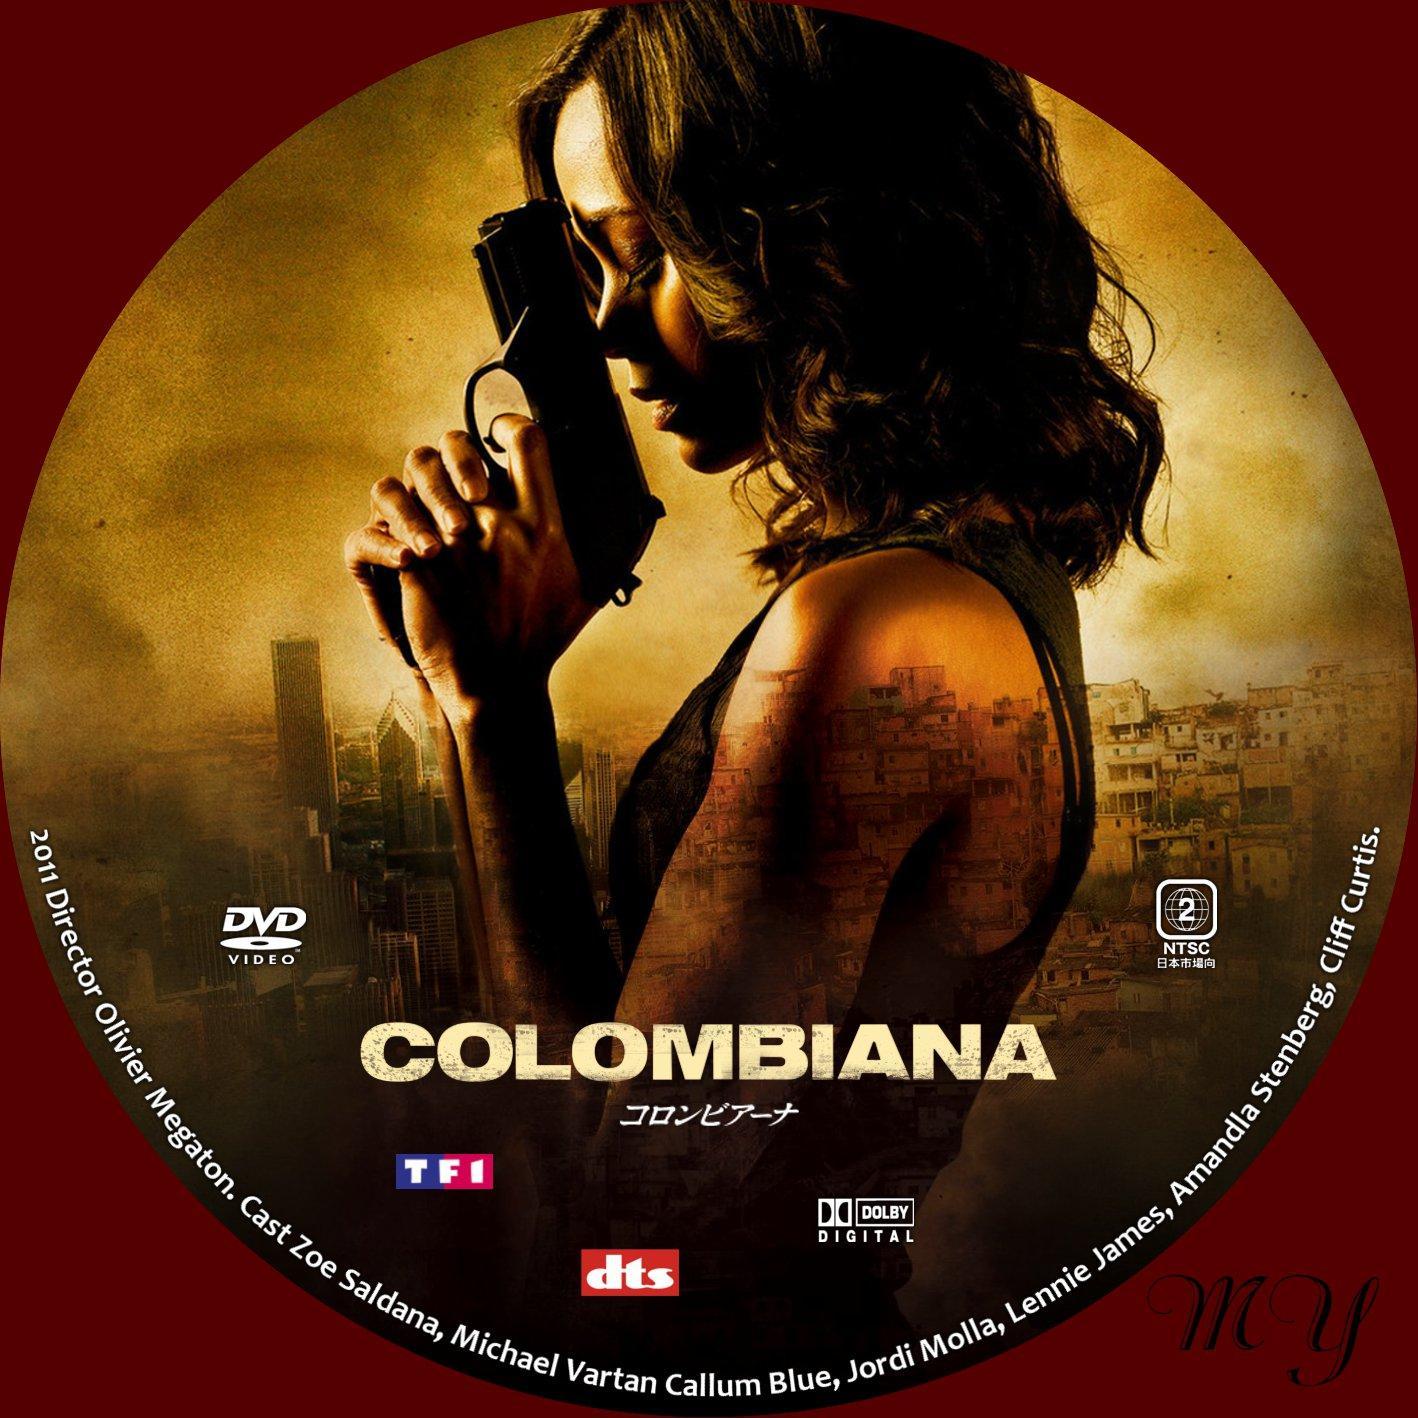 コロンビア―ナ   MY DVD らべるこれくしょん